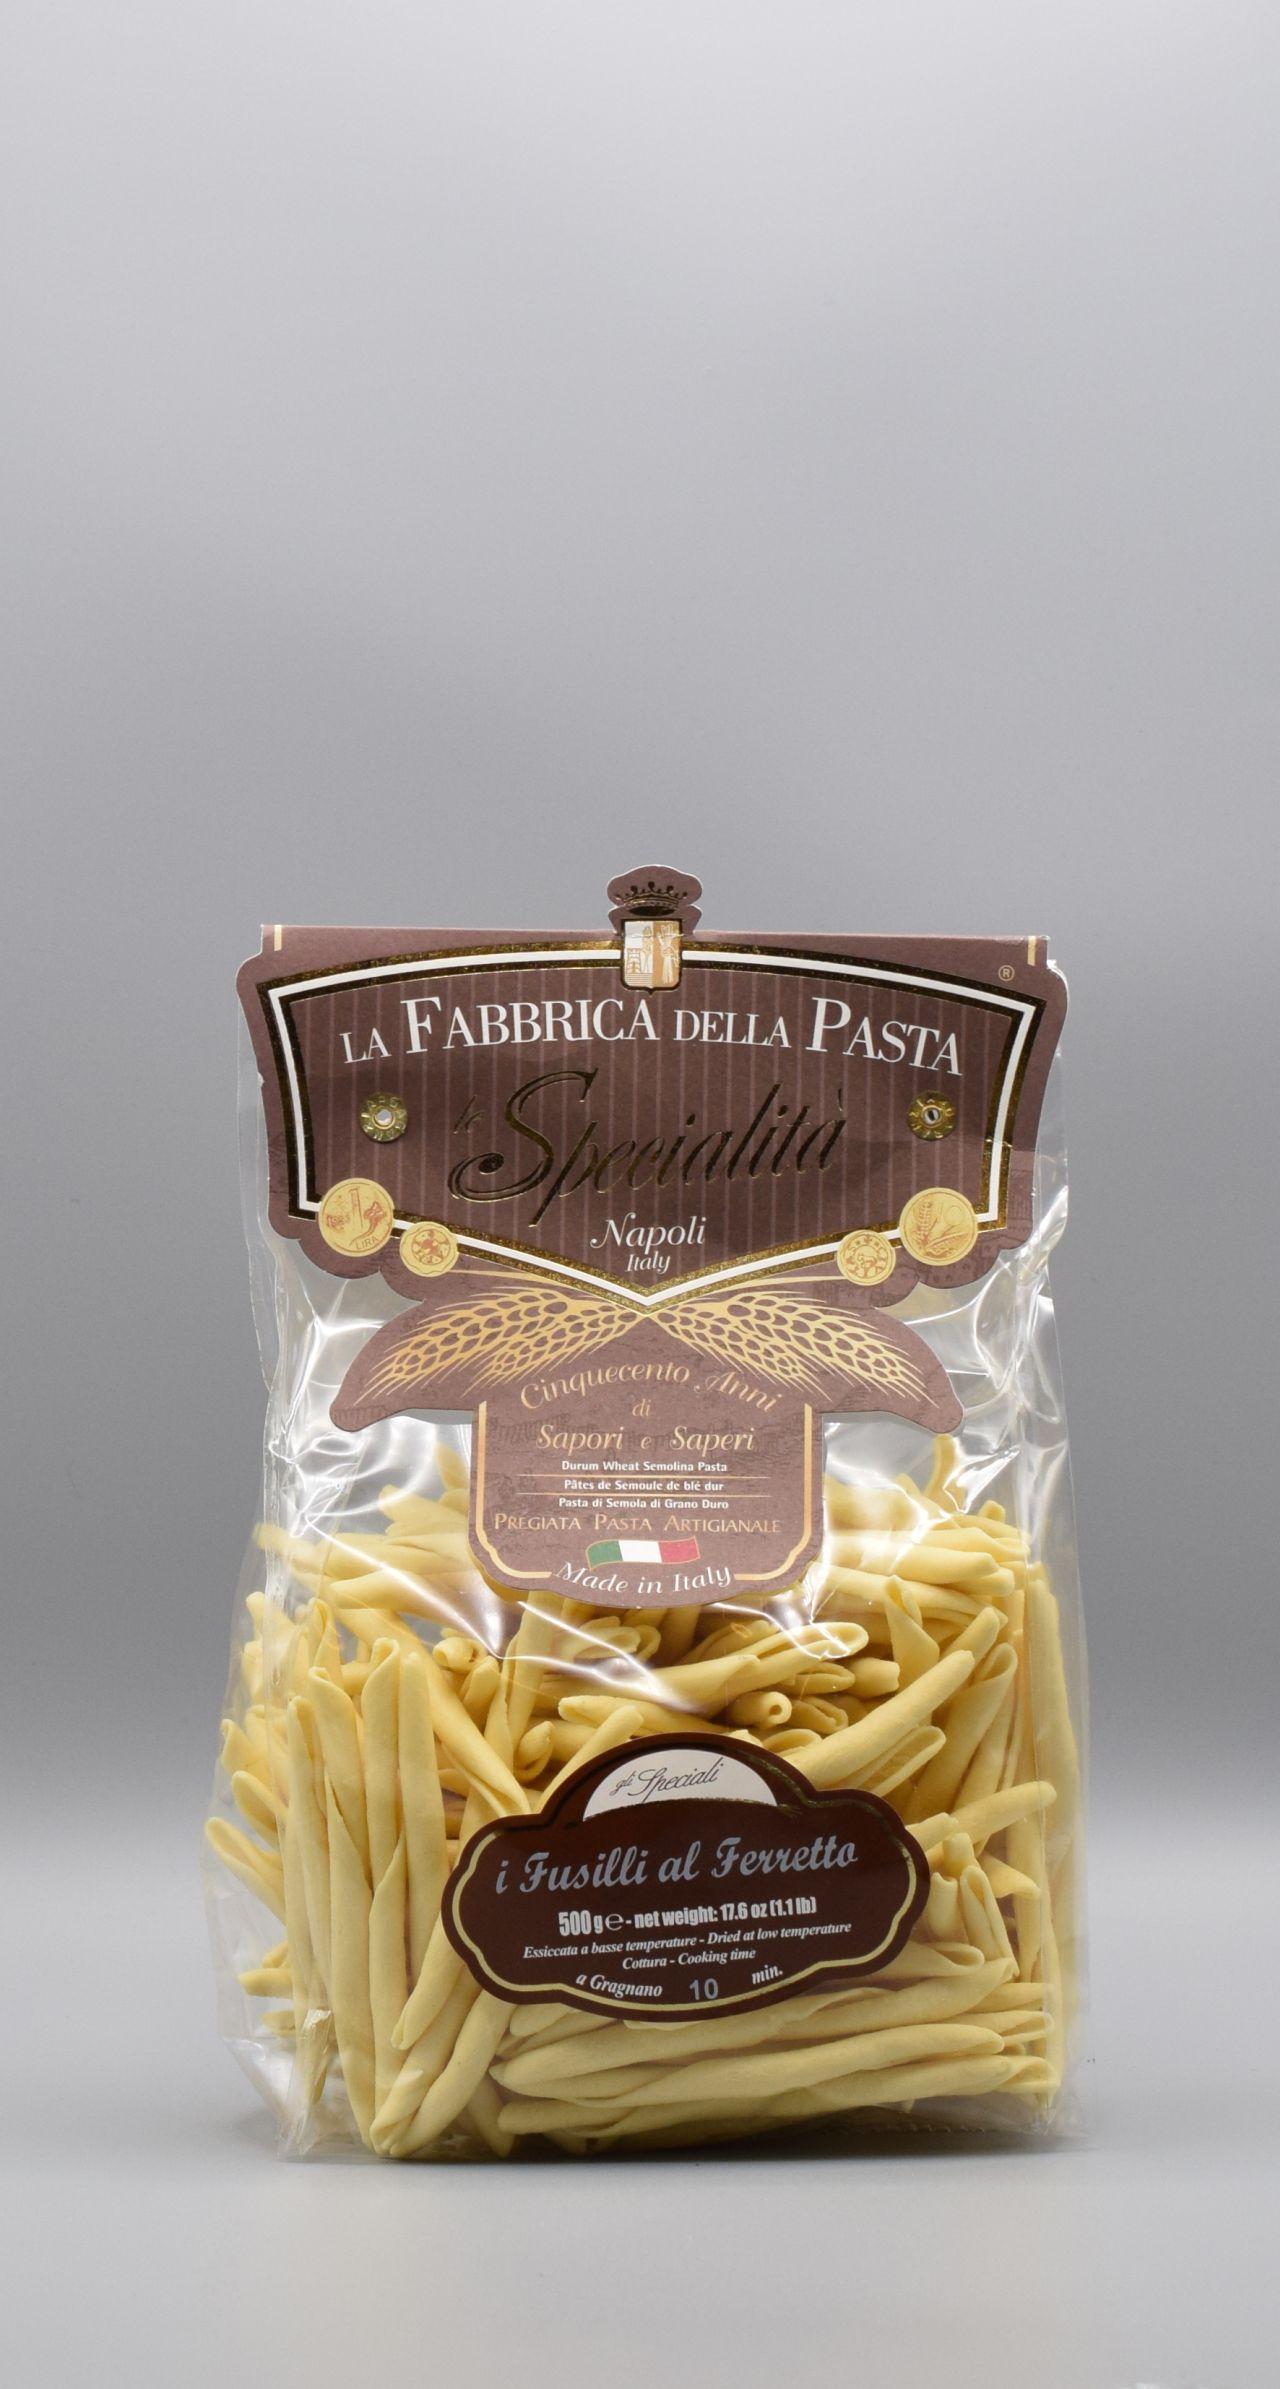 La Fabbrica della Pasta di Gragnano I Fusilli al Ferretto